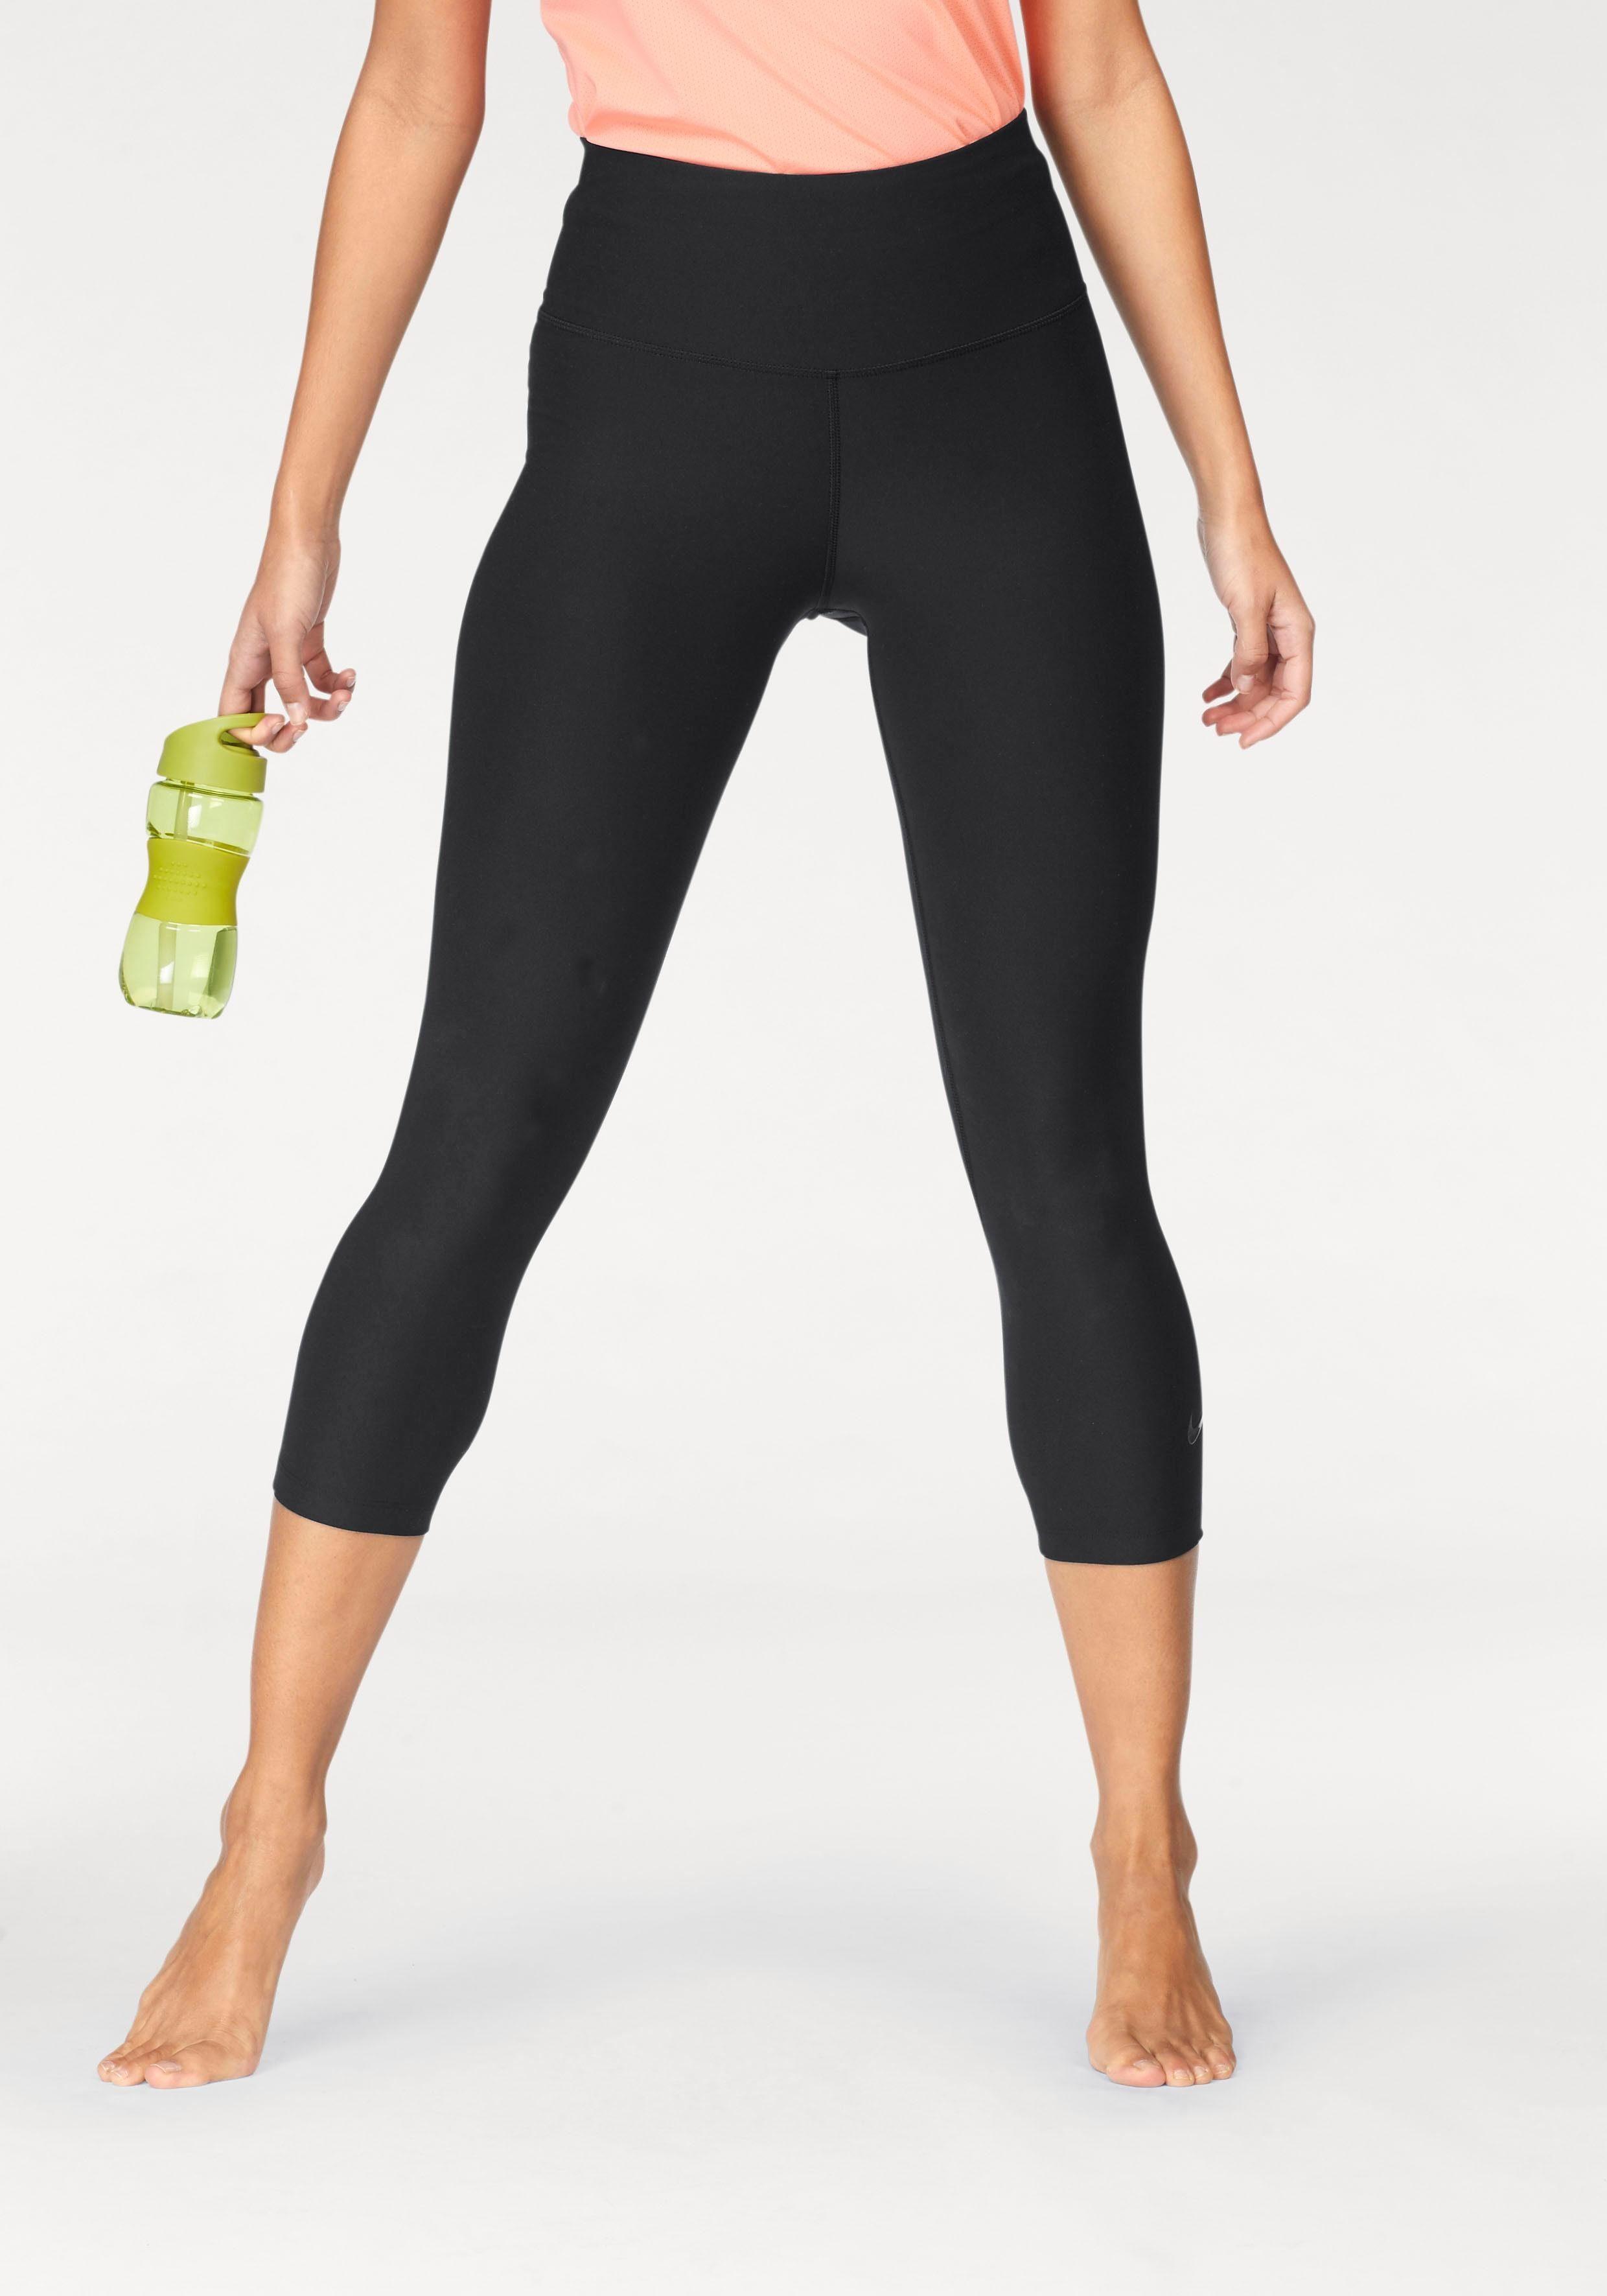 Nike Funktionstights »SCULPT HYPER CROP«, 34 Länge online kaufen   OTTO